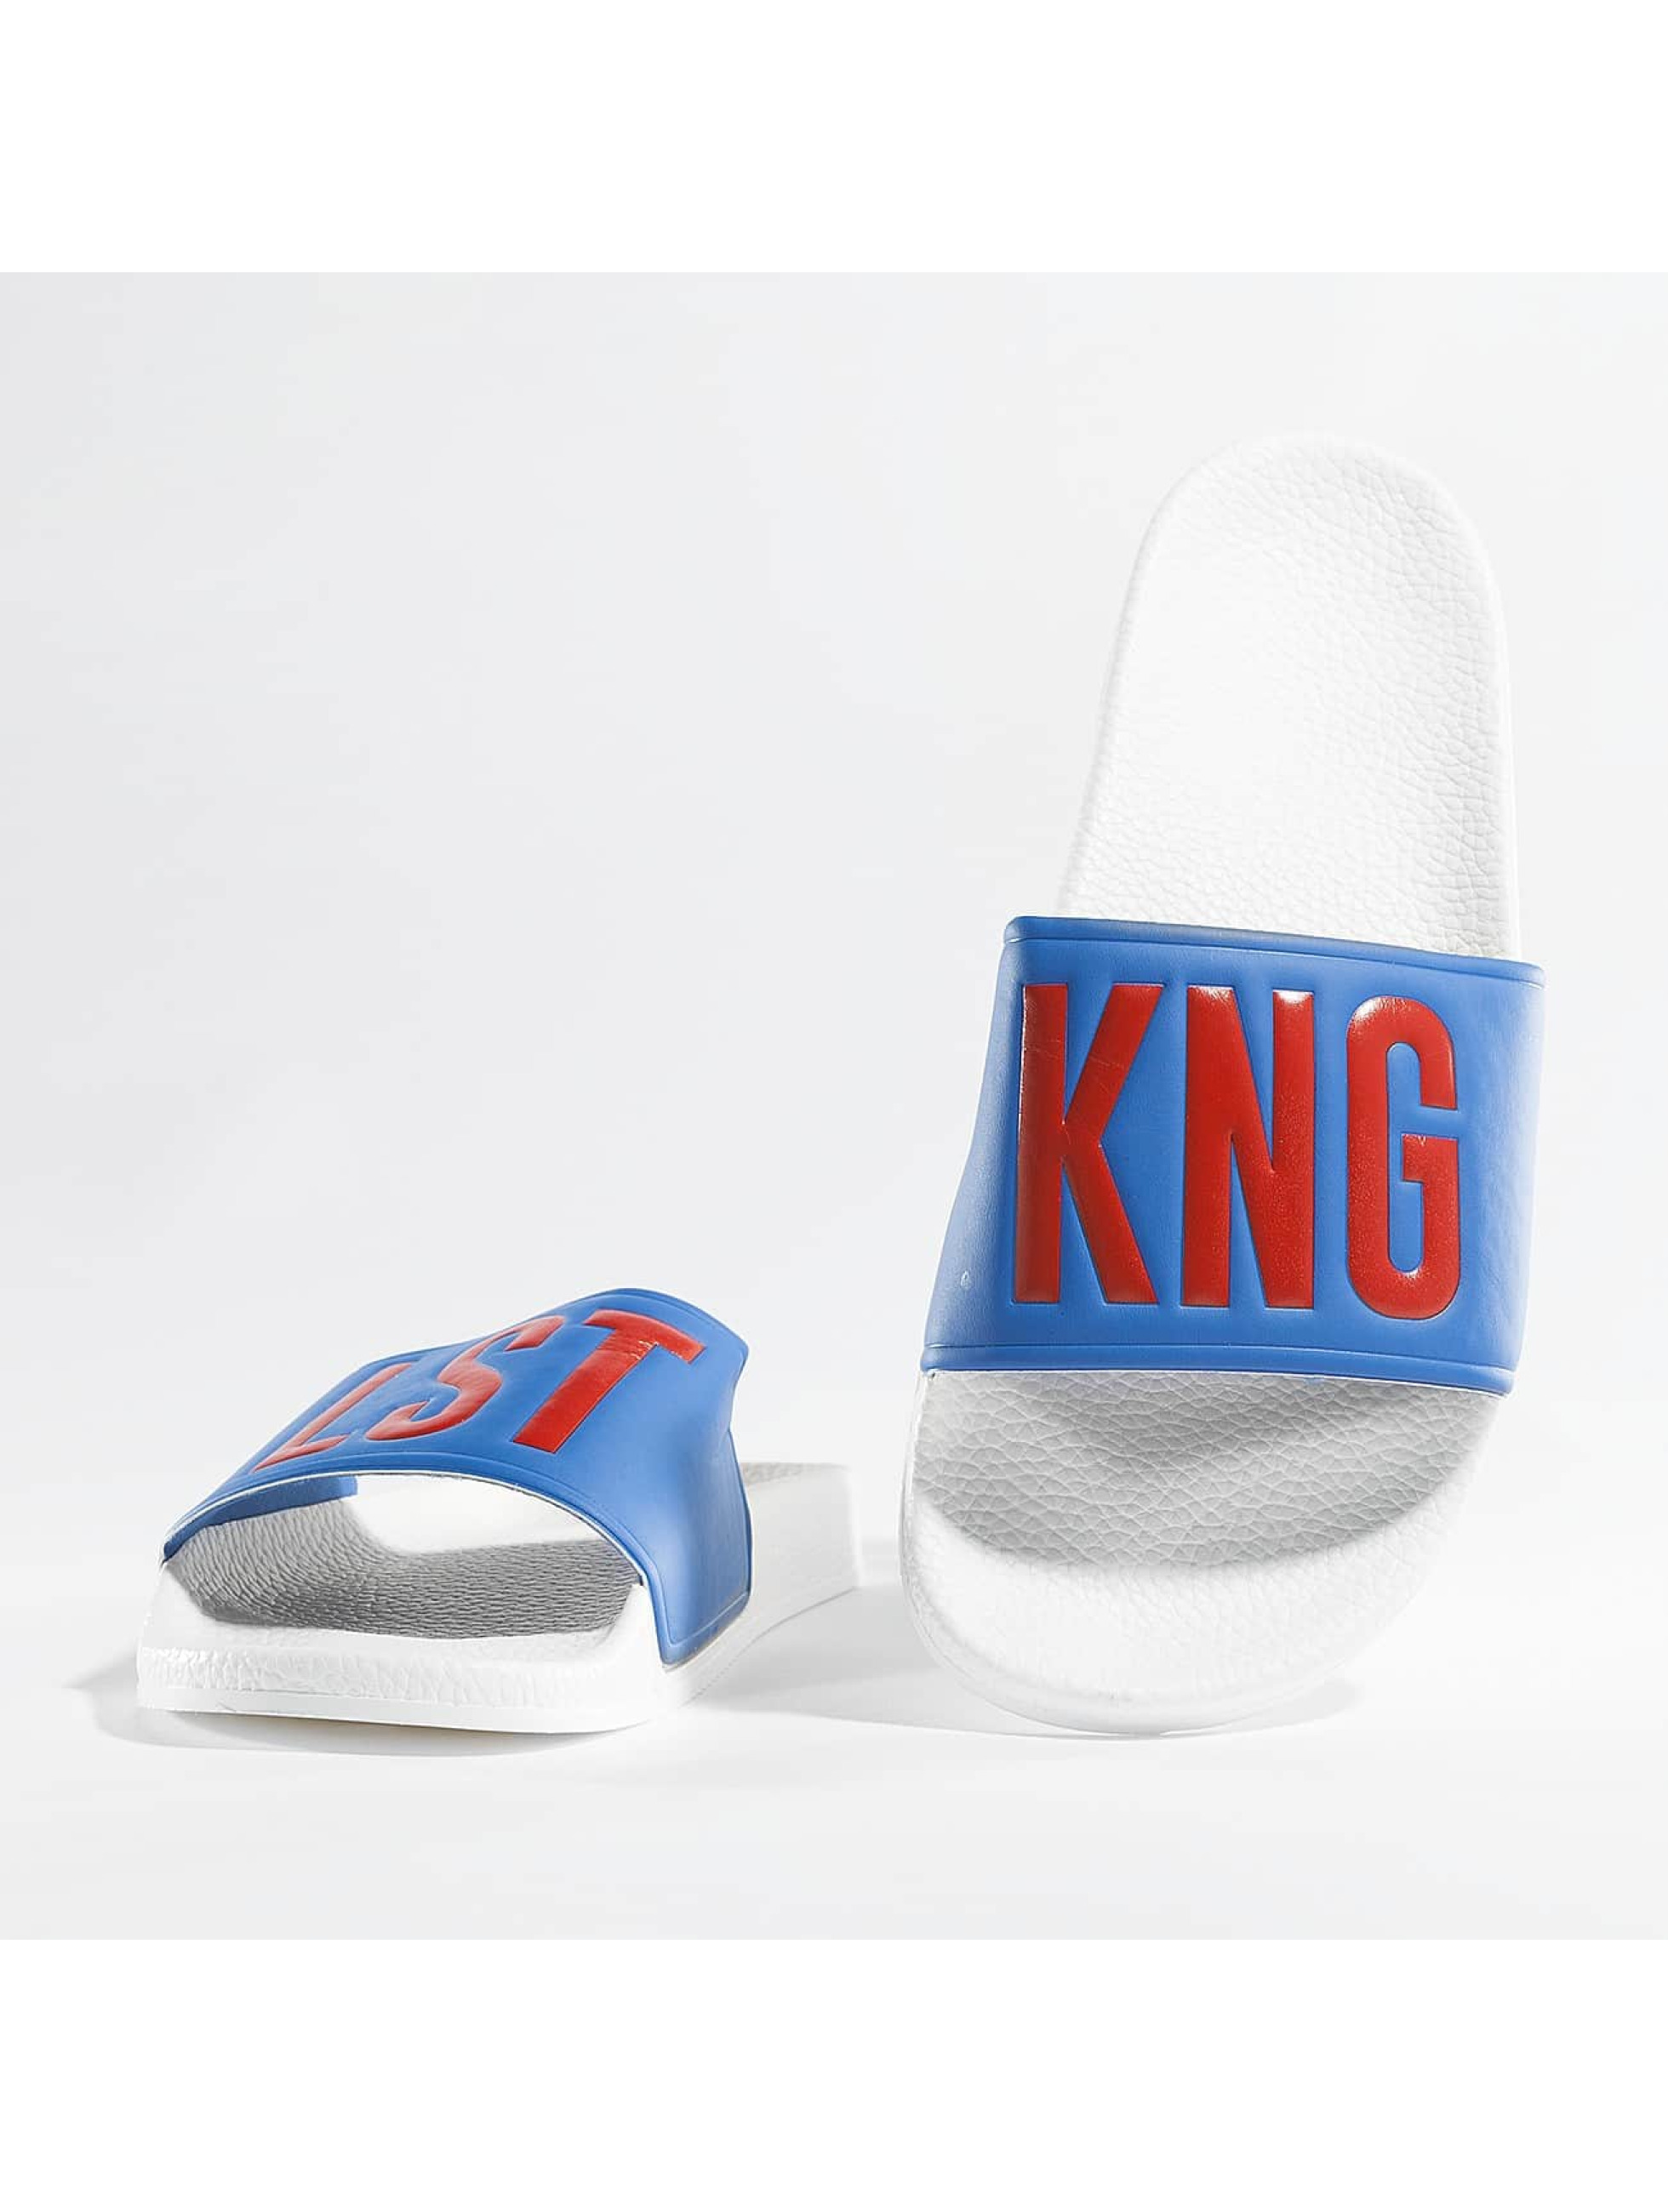 Kingin Slipper/Sandaal King blauw